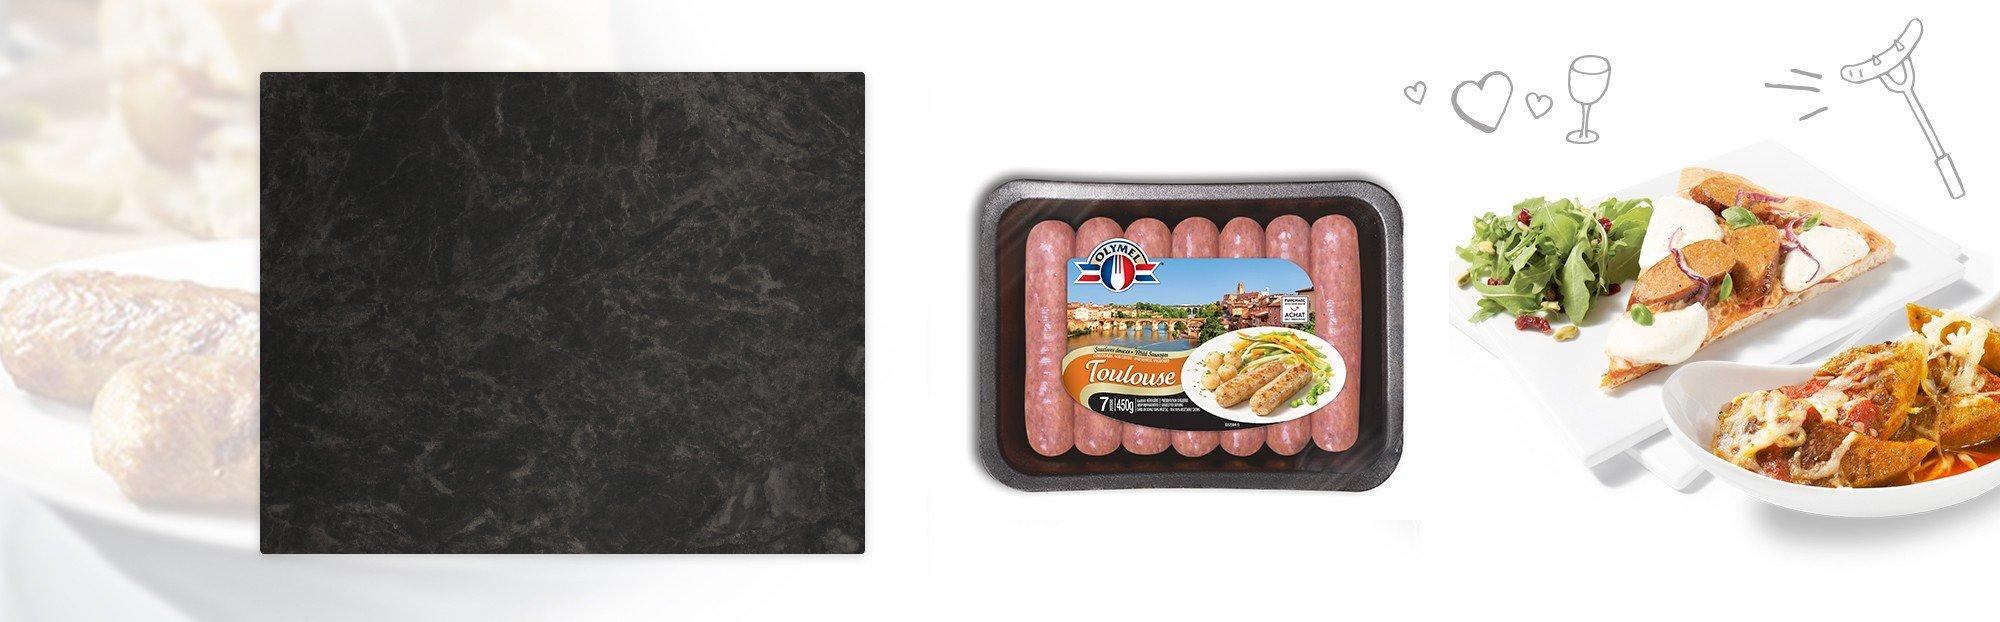 European Sausages Mild Toulouse